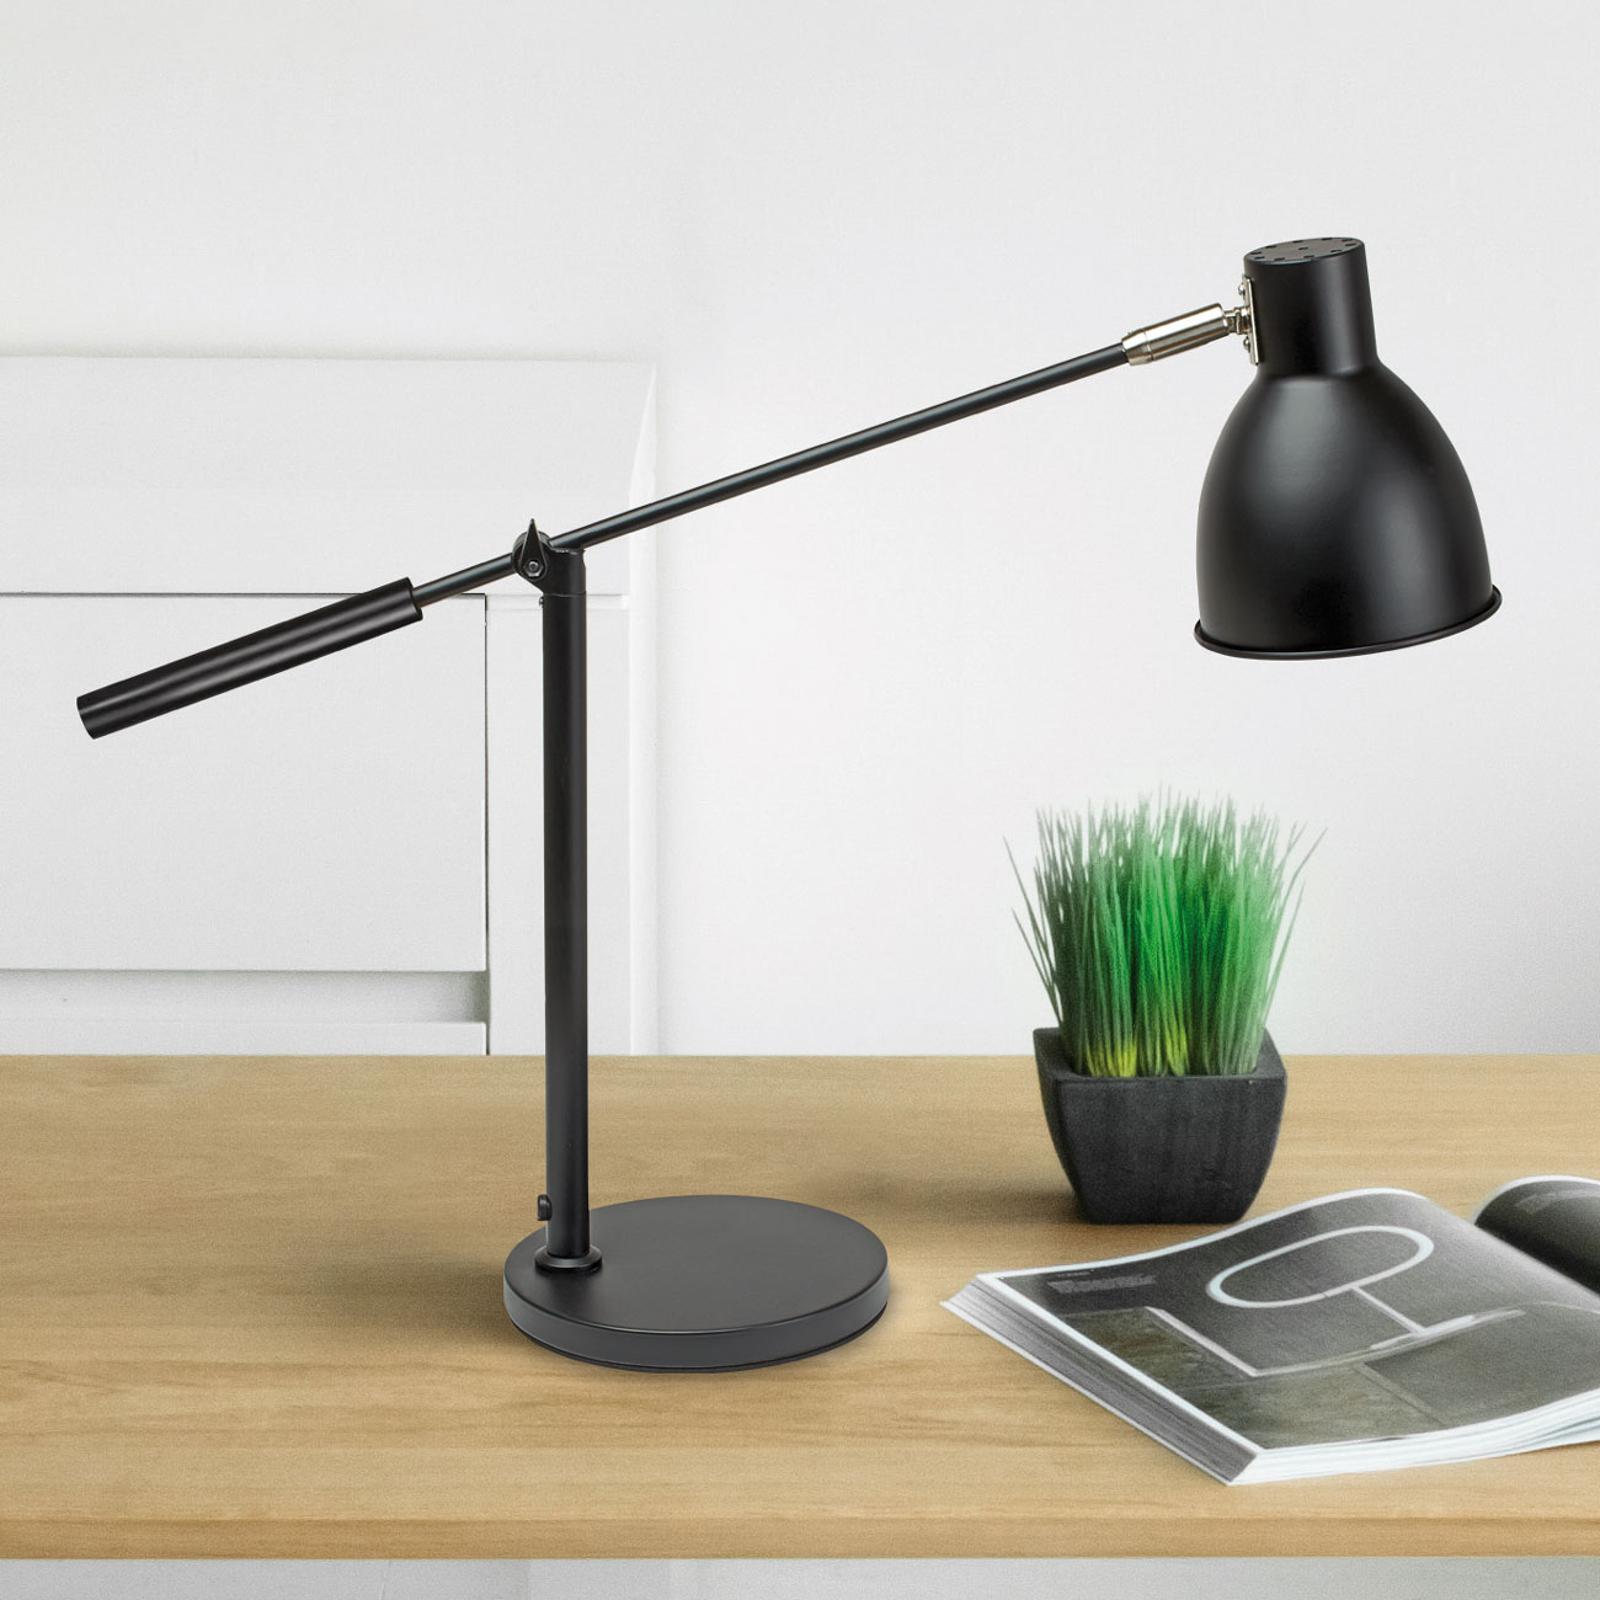 Lampa stołowa MAULfinja w matowej czerni